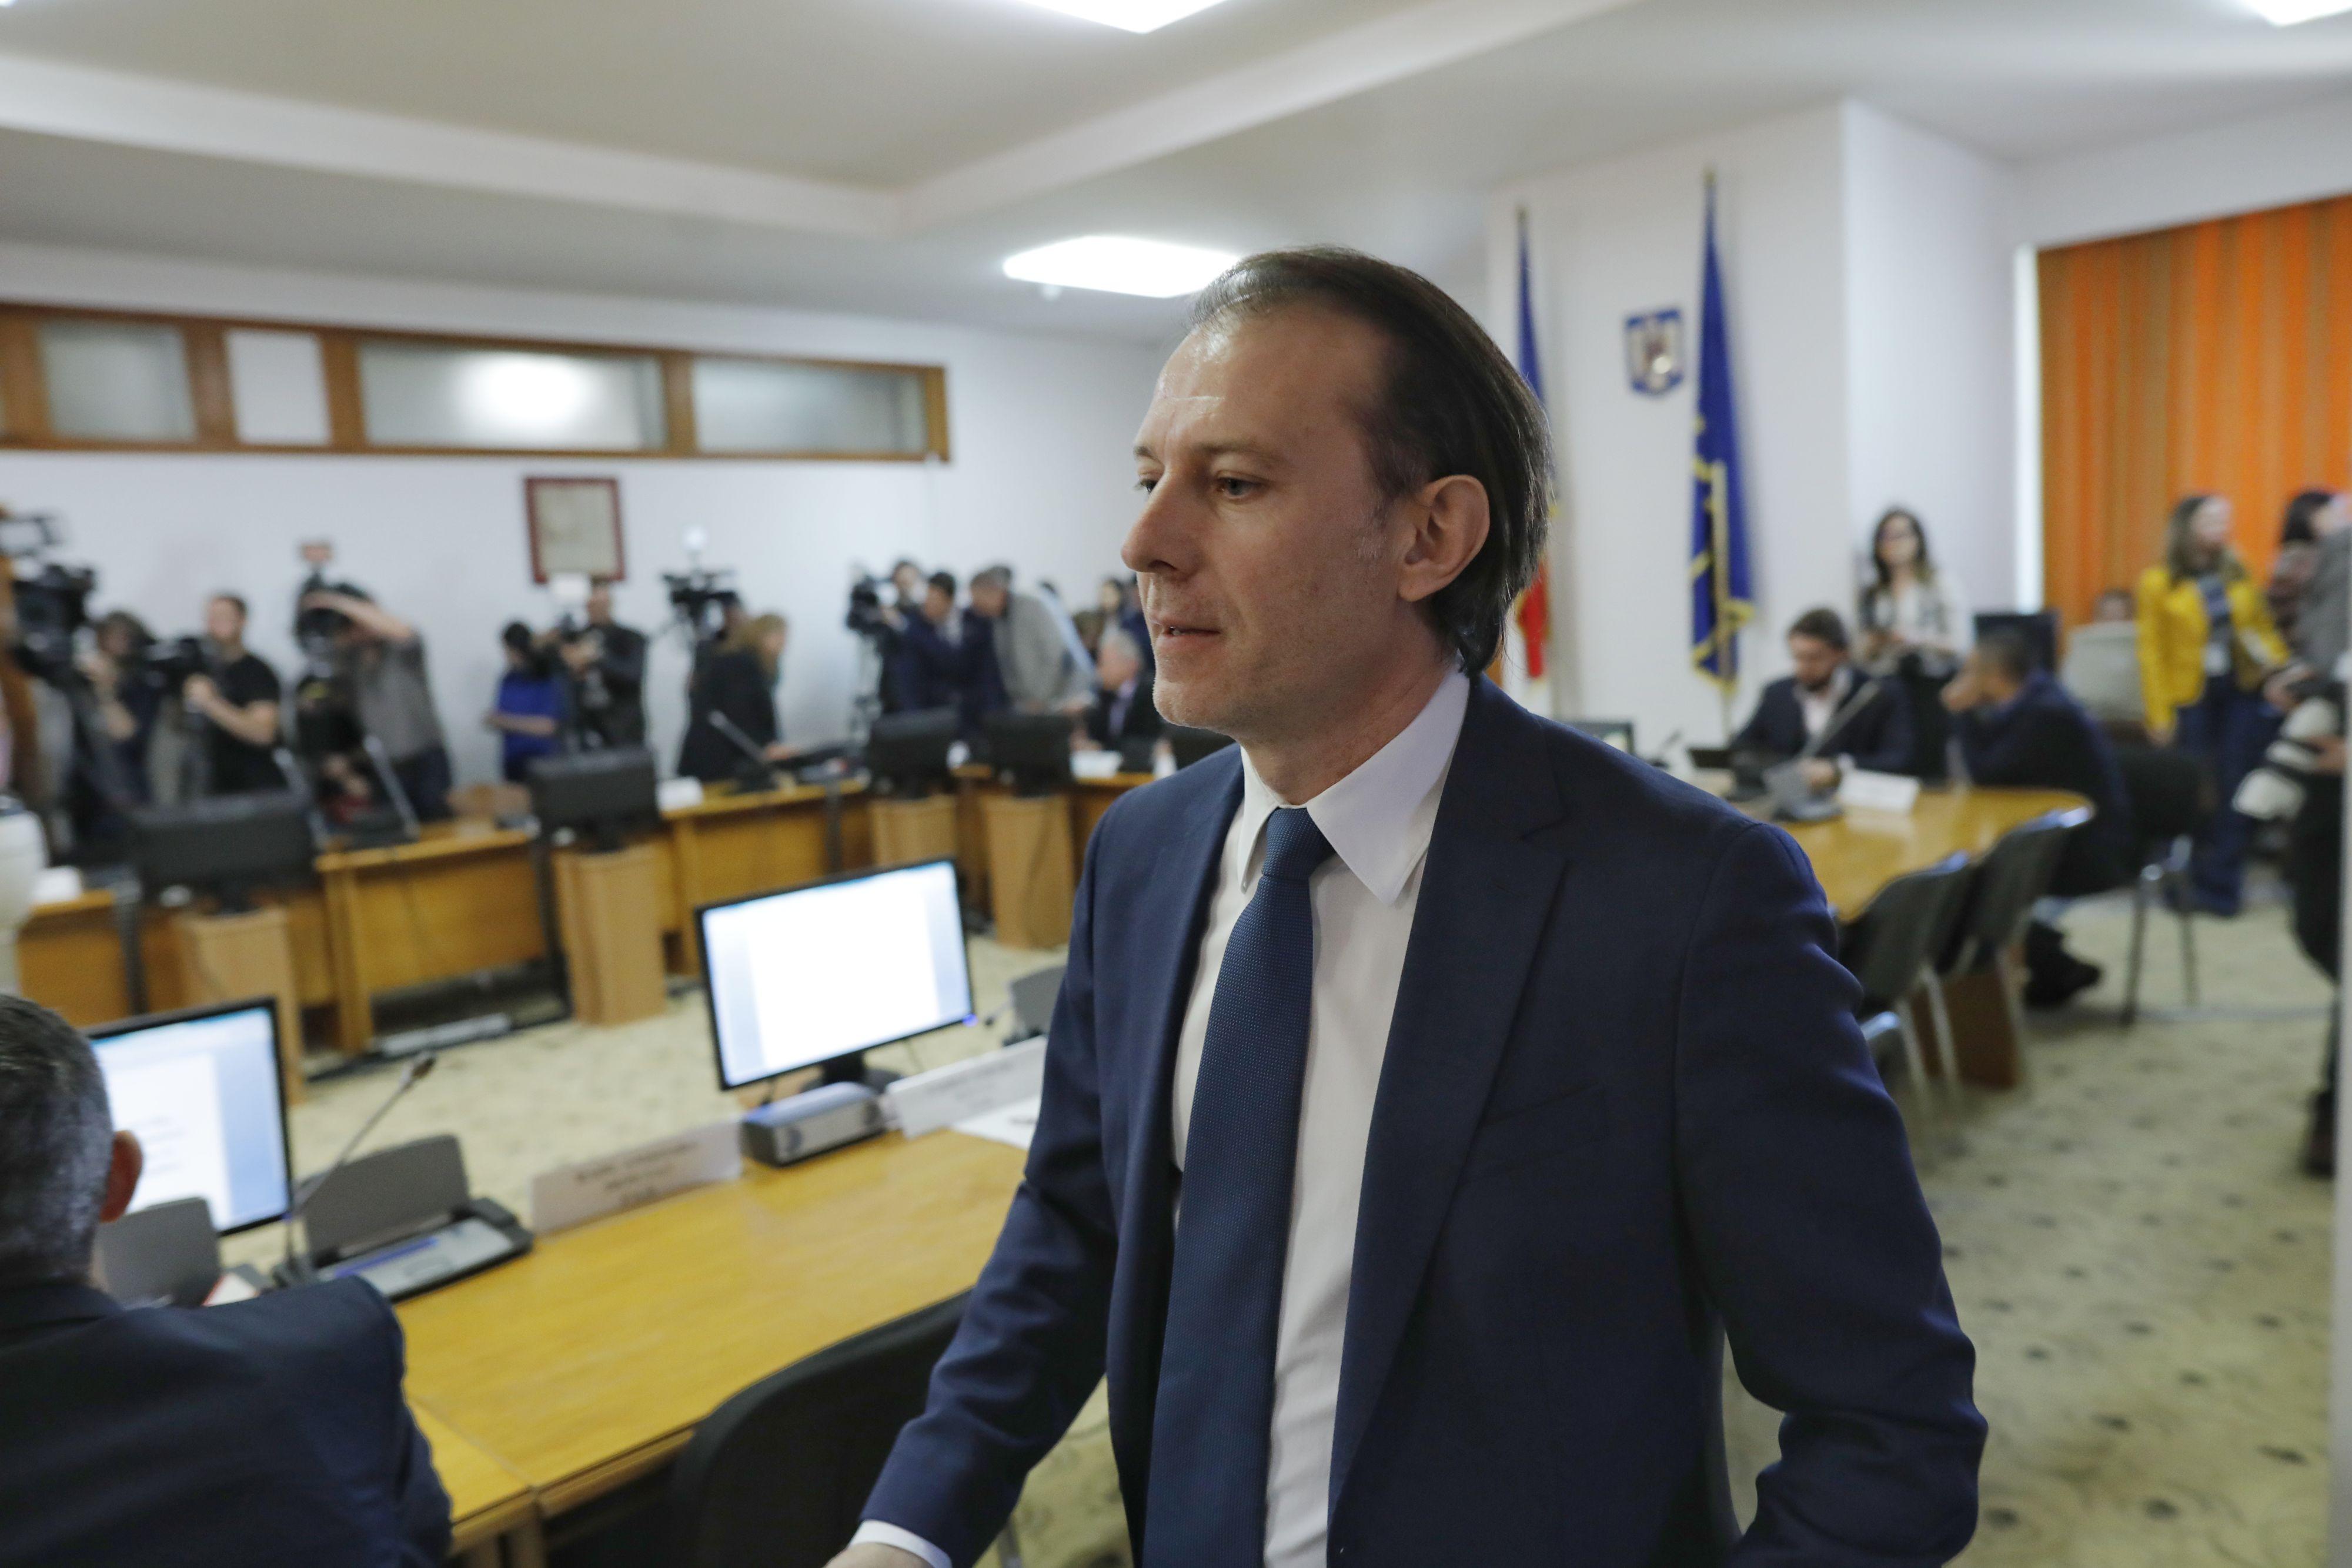 Cîţu, pentru românii care amână plata ratelor: Să înţeleagă că nu înseamnă iertare, trebuie să fie cumpătaţi